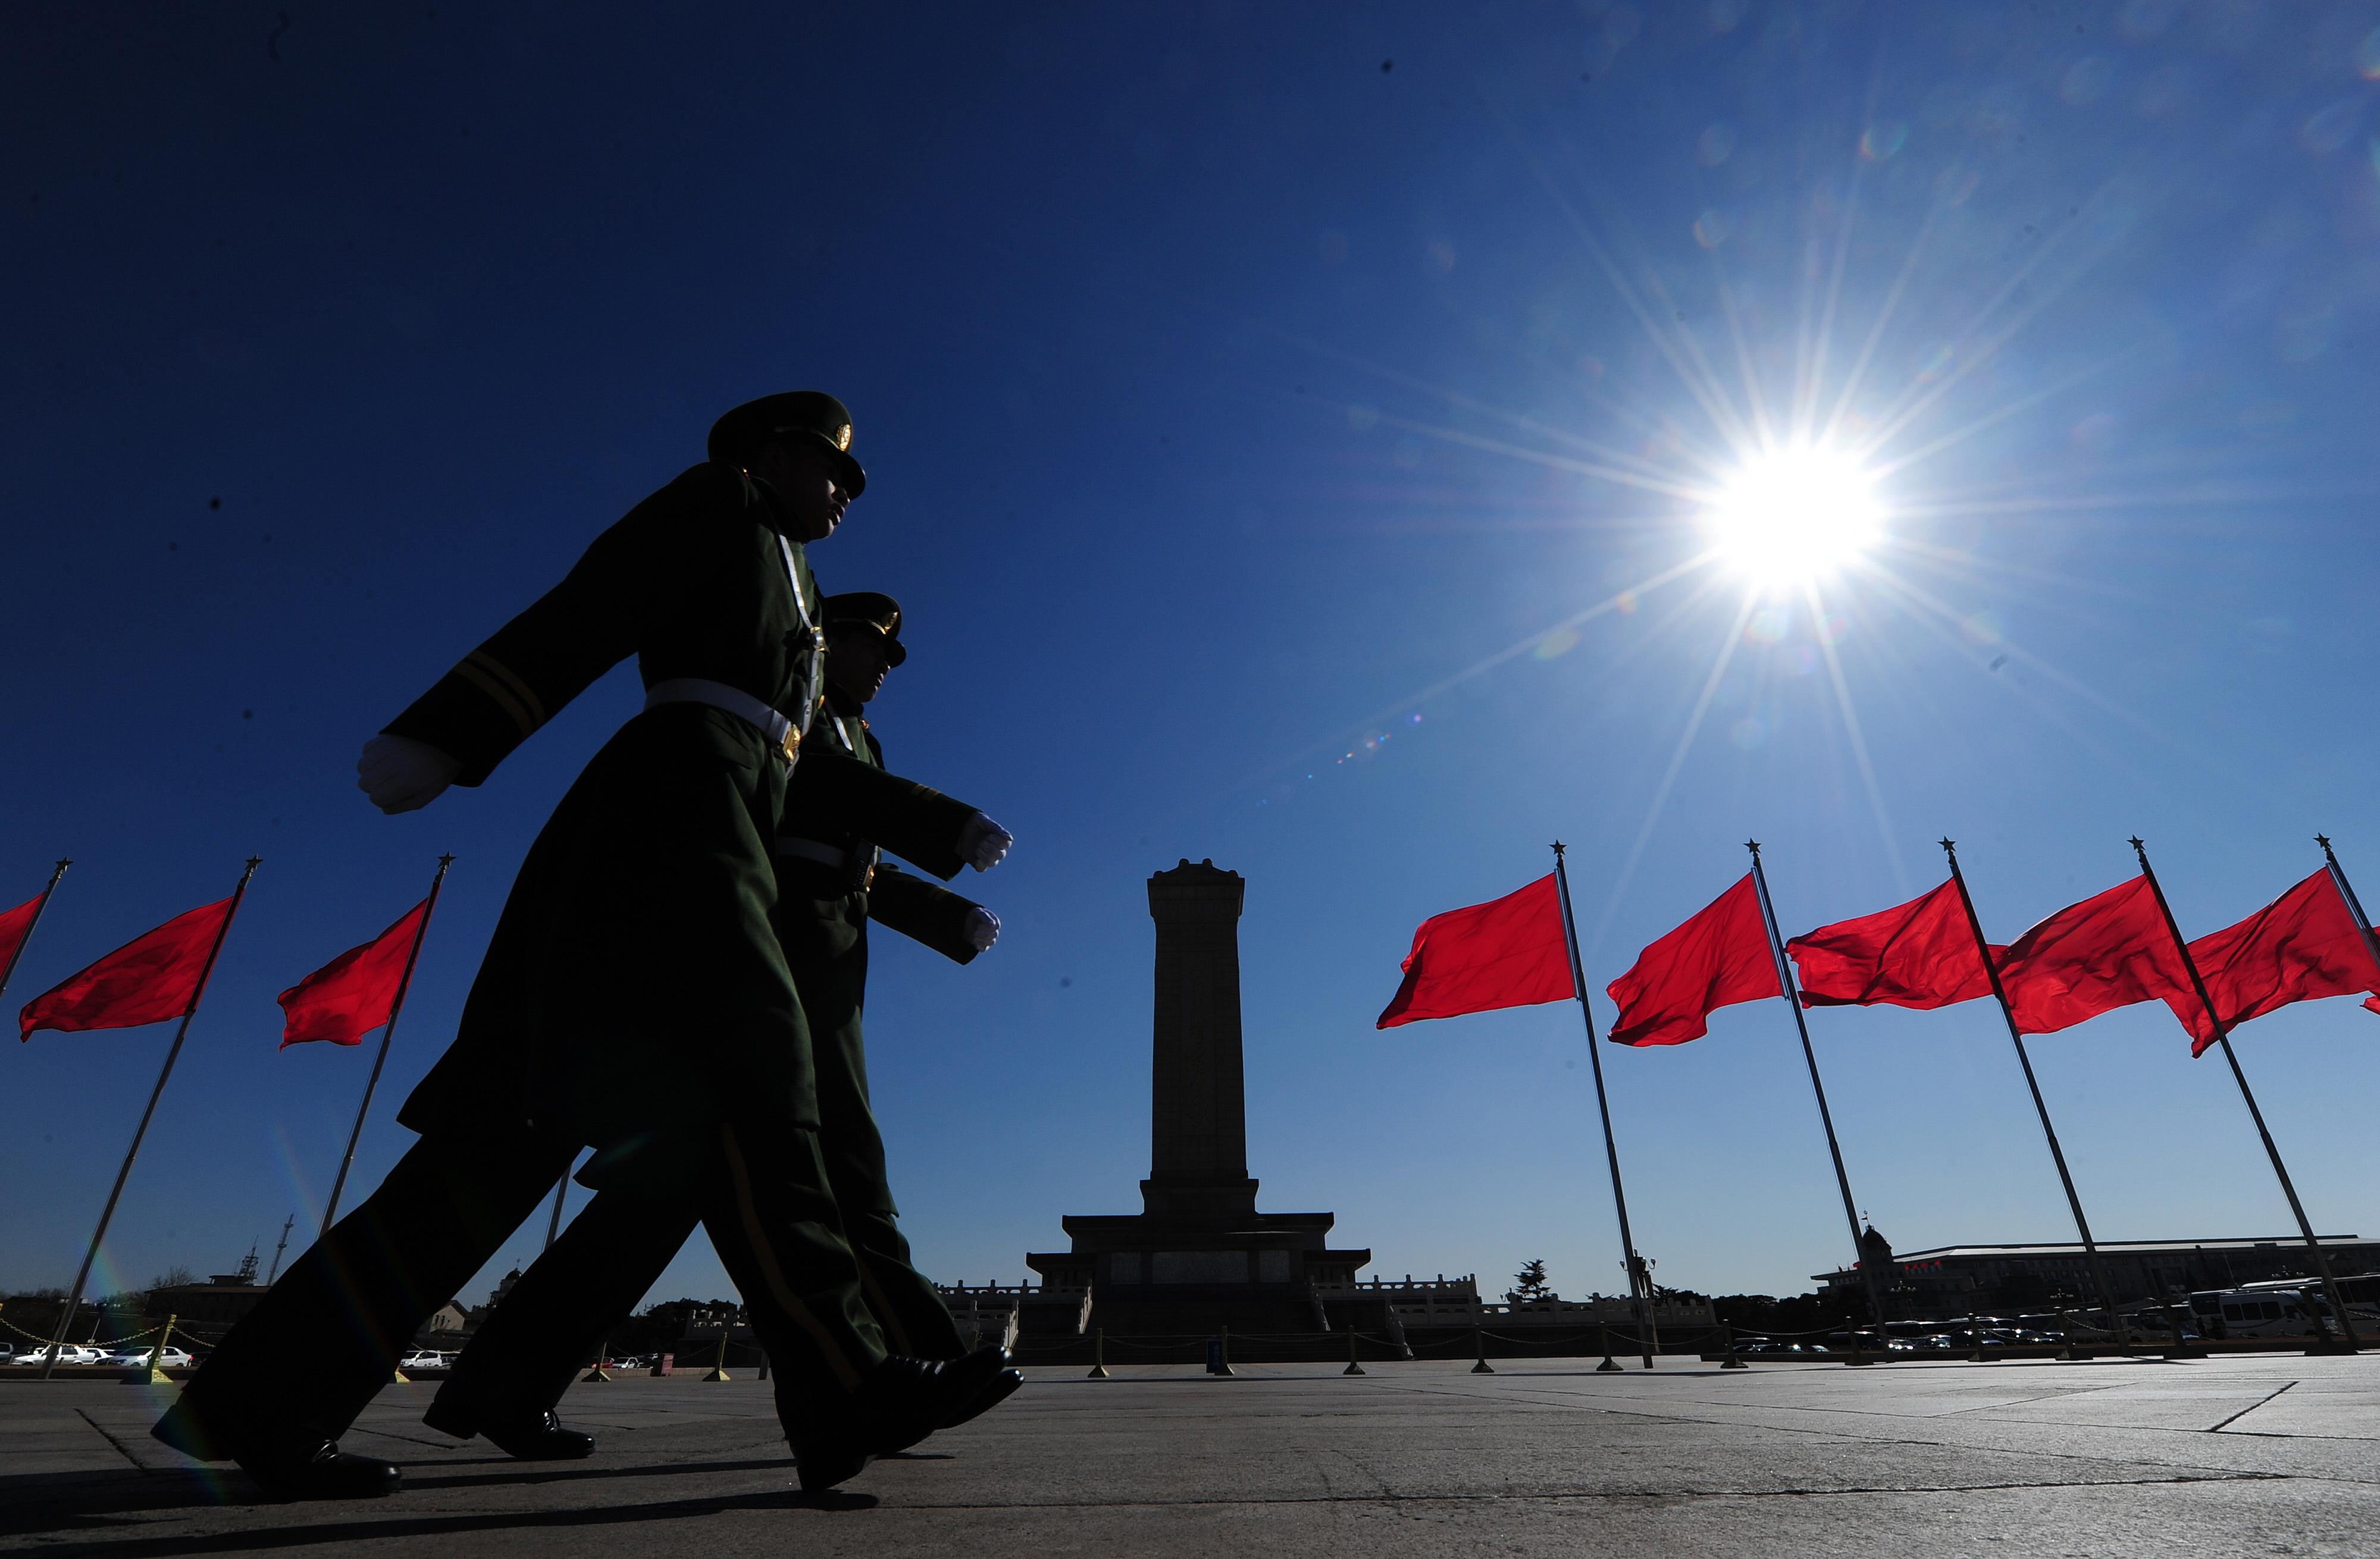 中共深陷內政外交的沼澤,民眾呼籲其應退出歷史舞台。圖為示意圖。(FREDERIC J. BROWN/AFP/Getty Images)